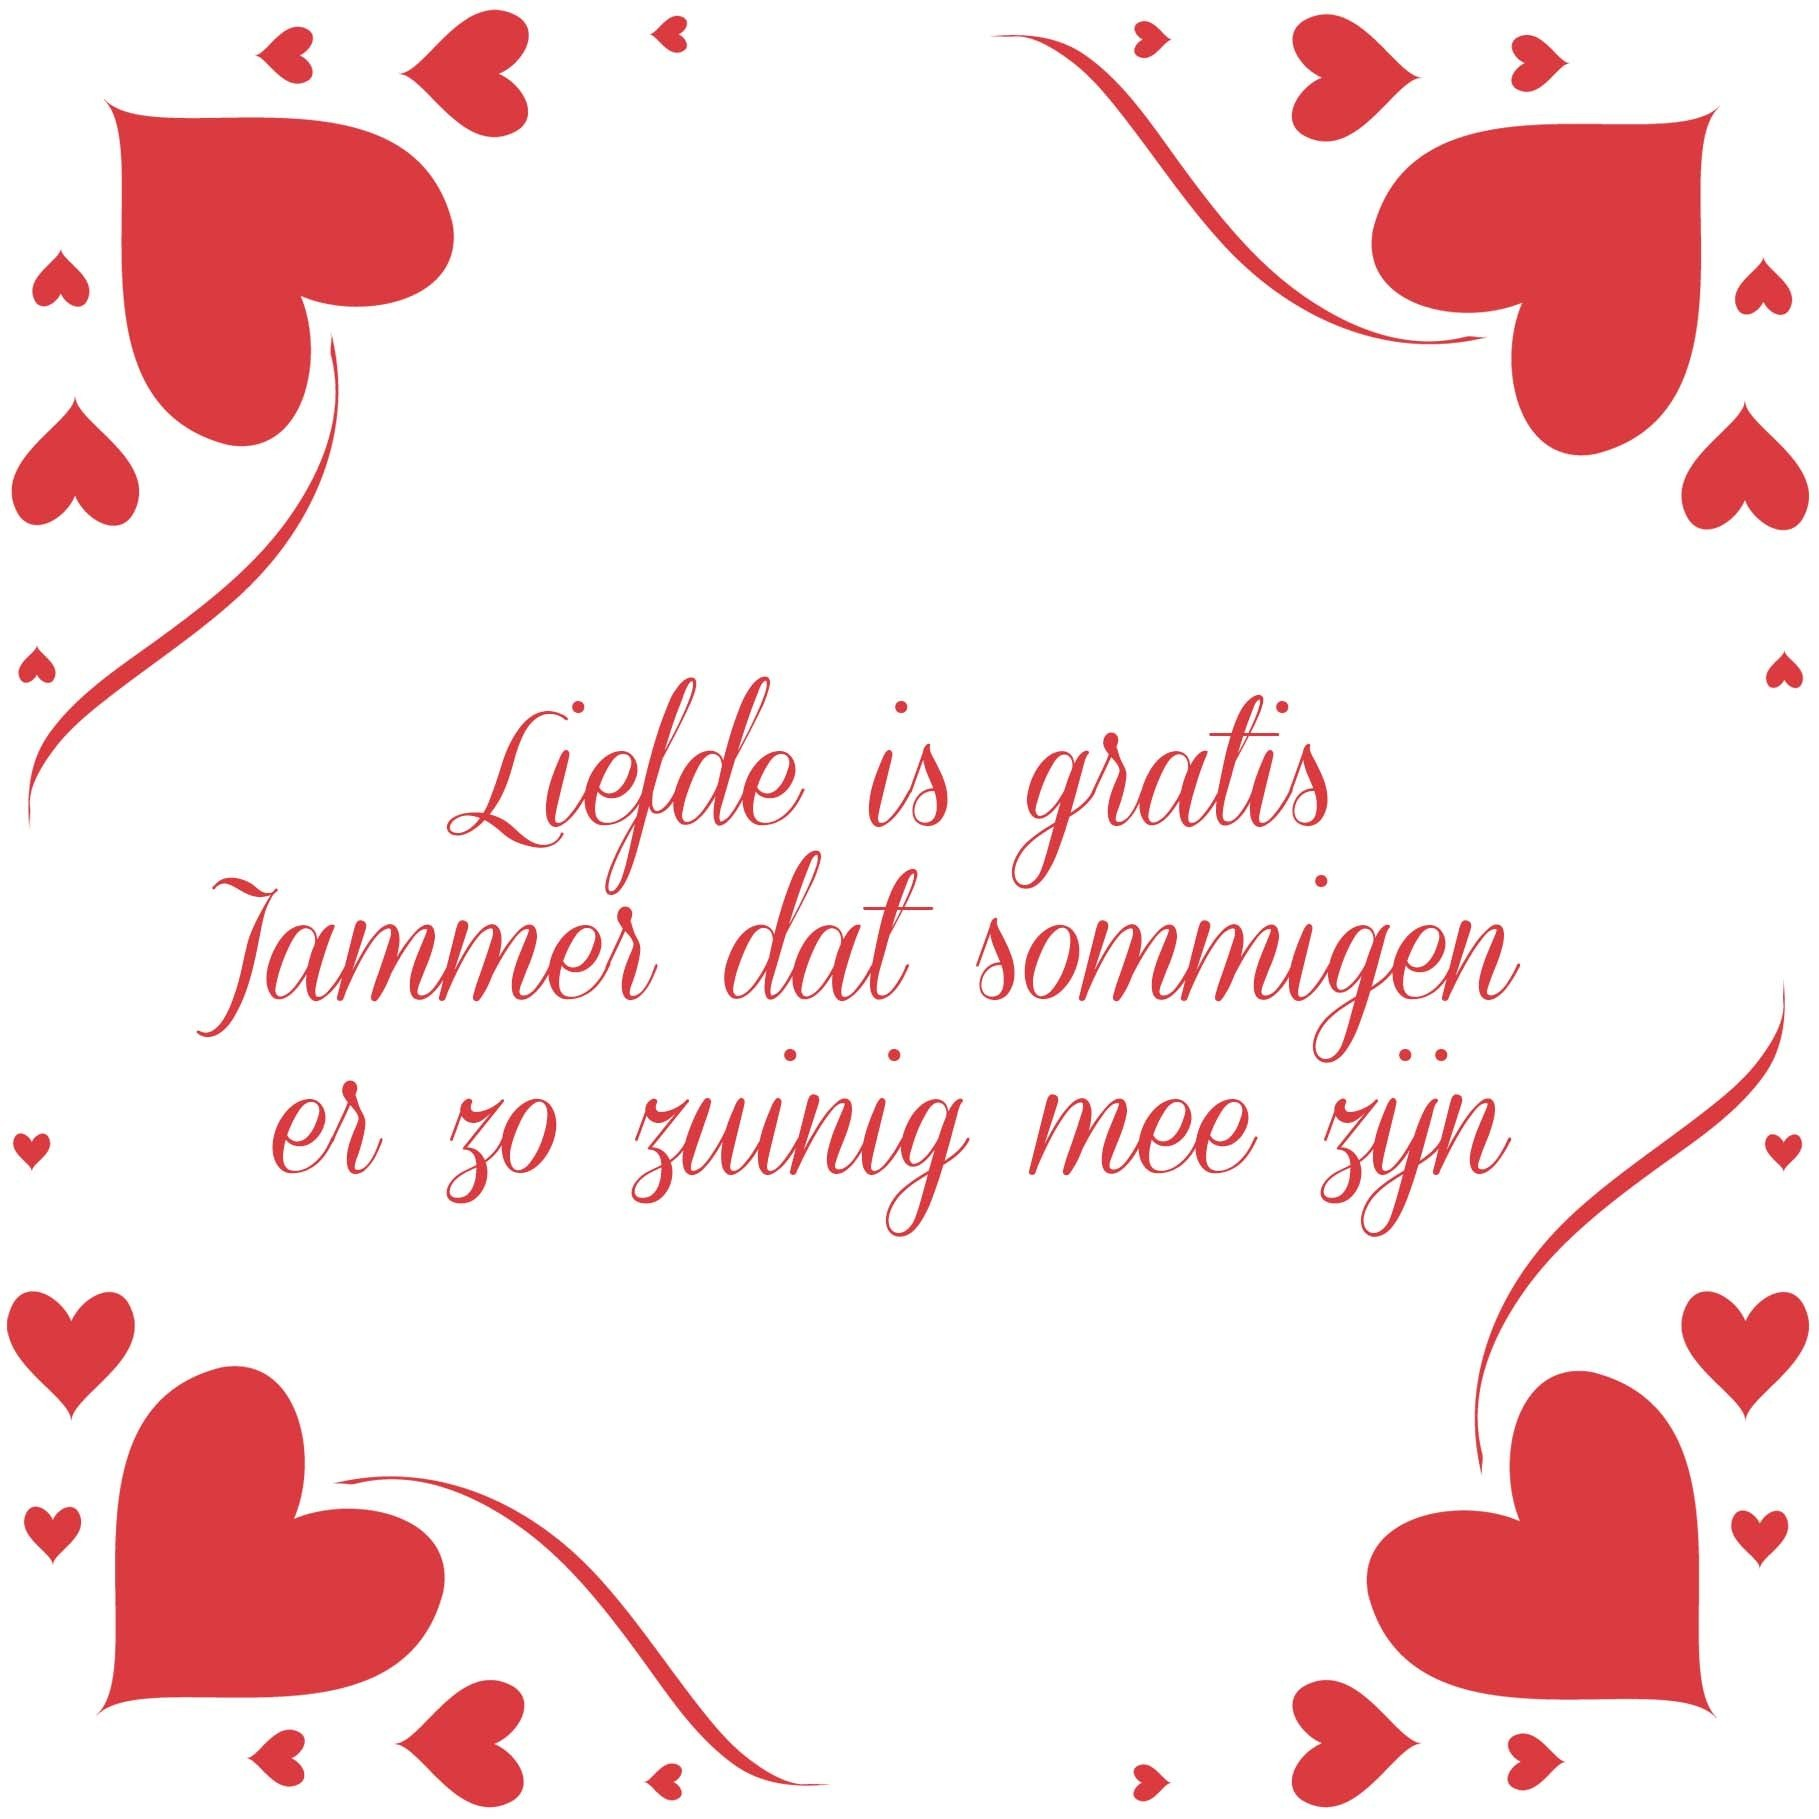 Liefde is gratis